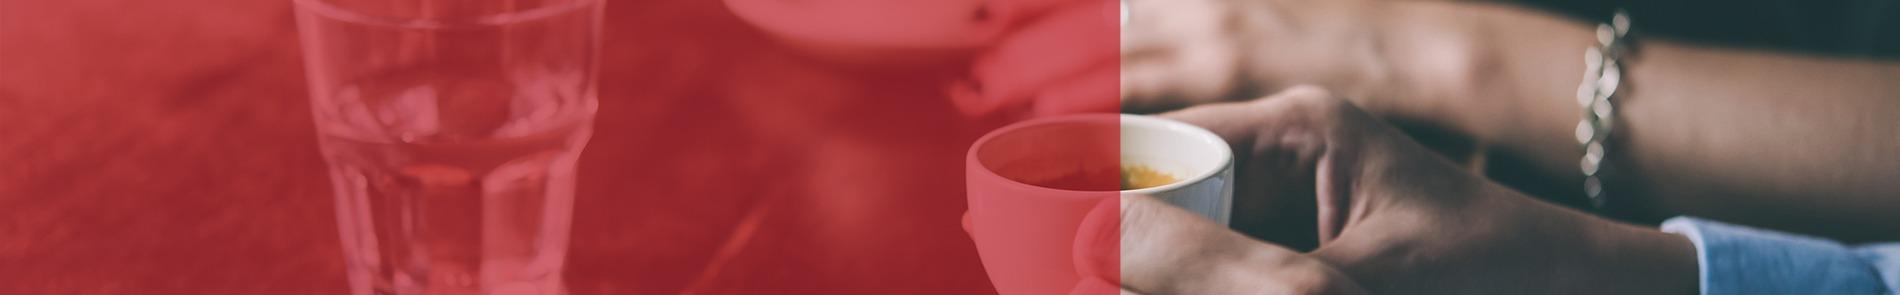 Caffè Malabar Contatti Tazzina Chicco